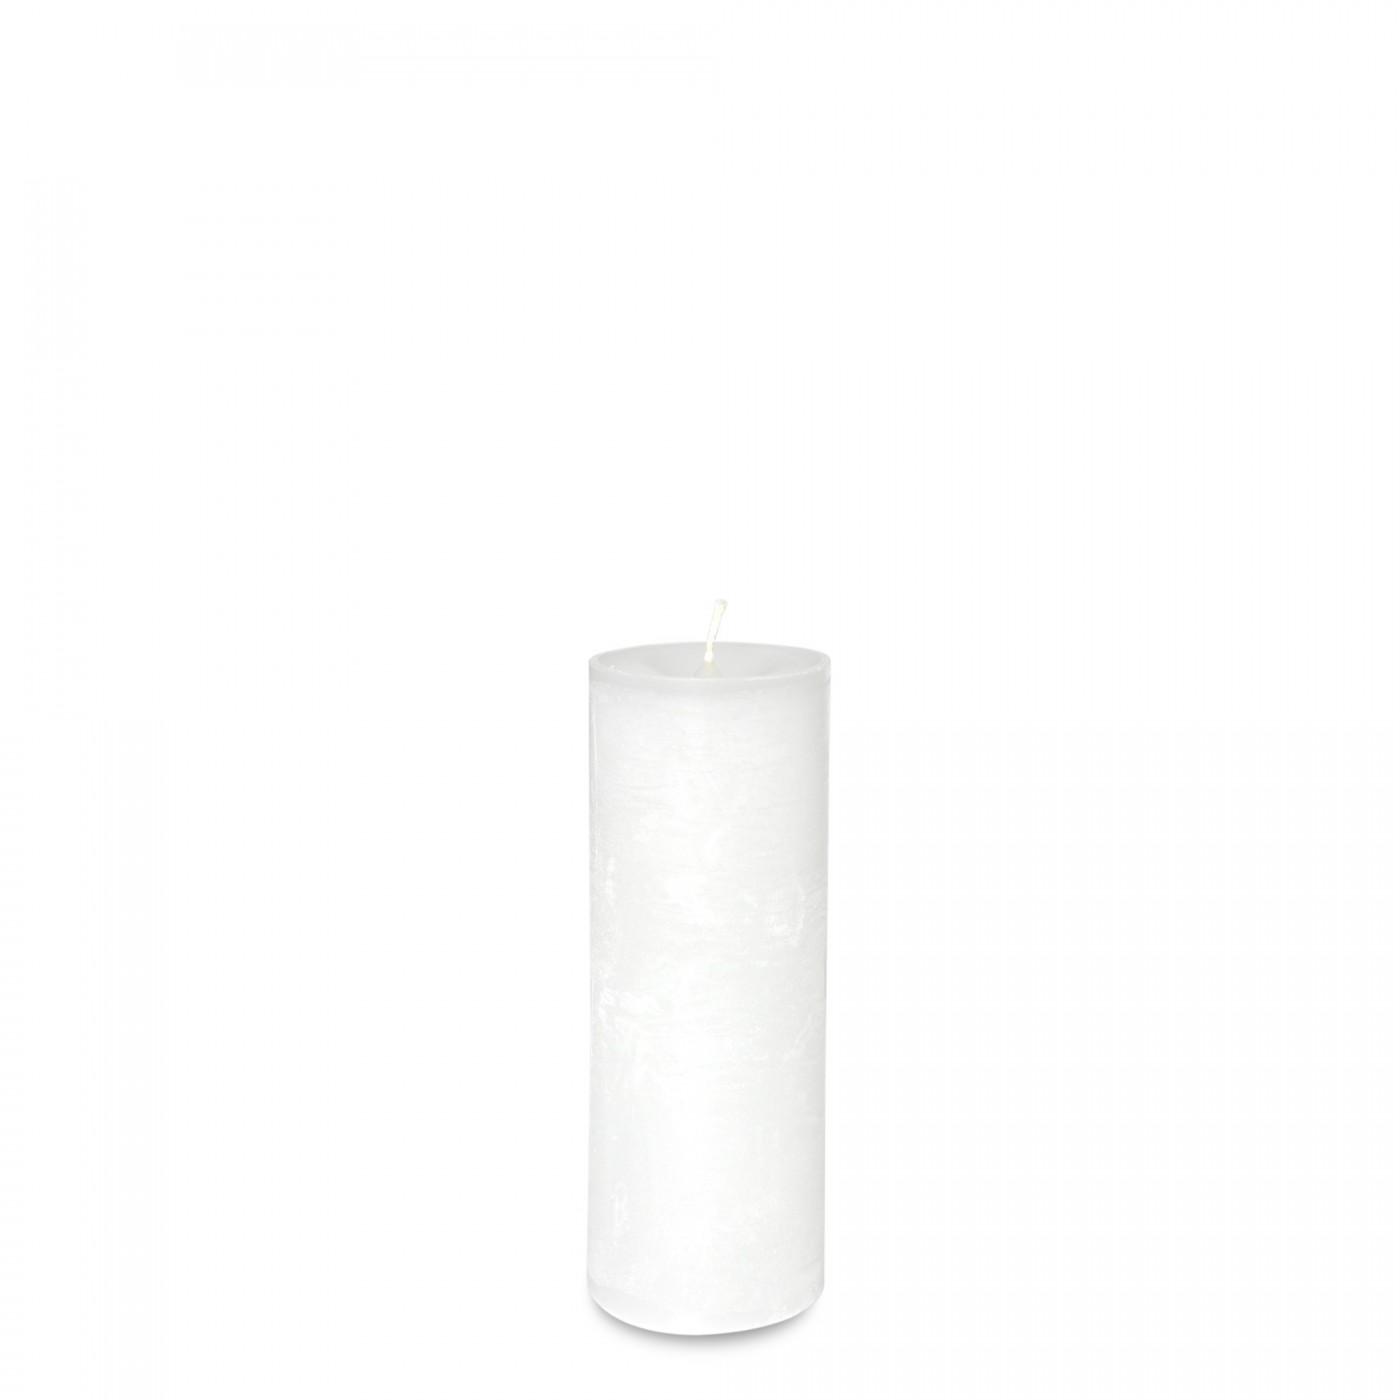 Bougie Blanche Diam 5,7 x 15 cm